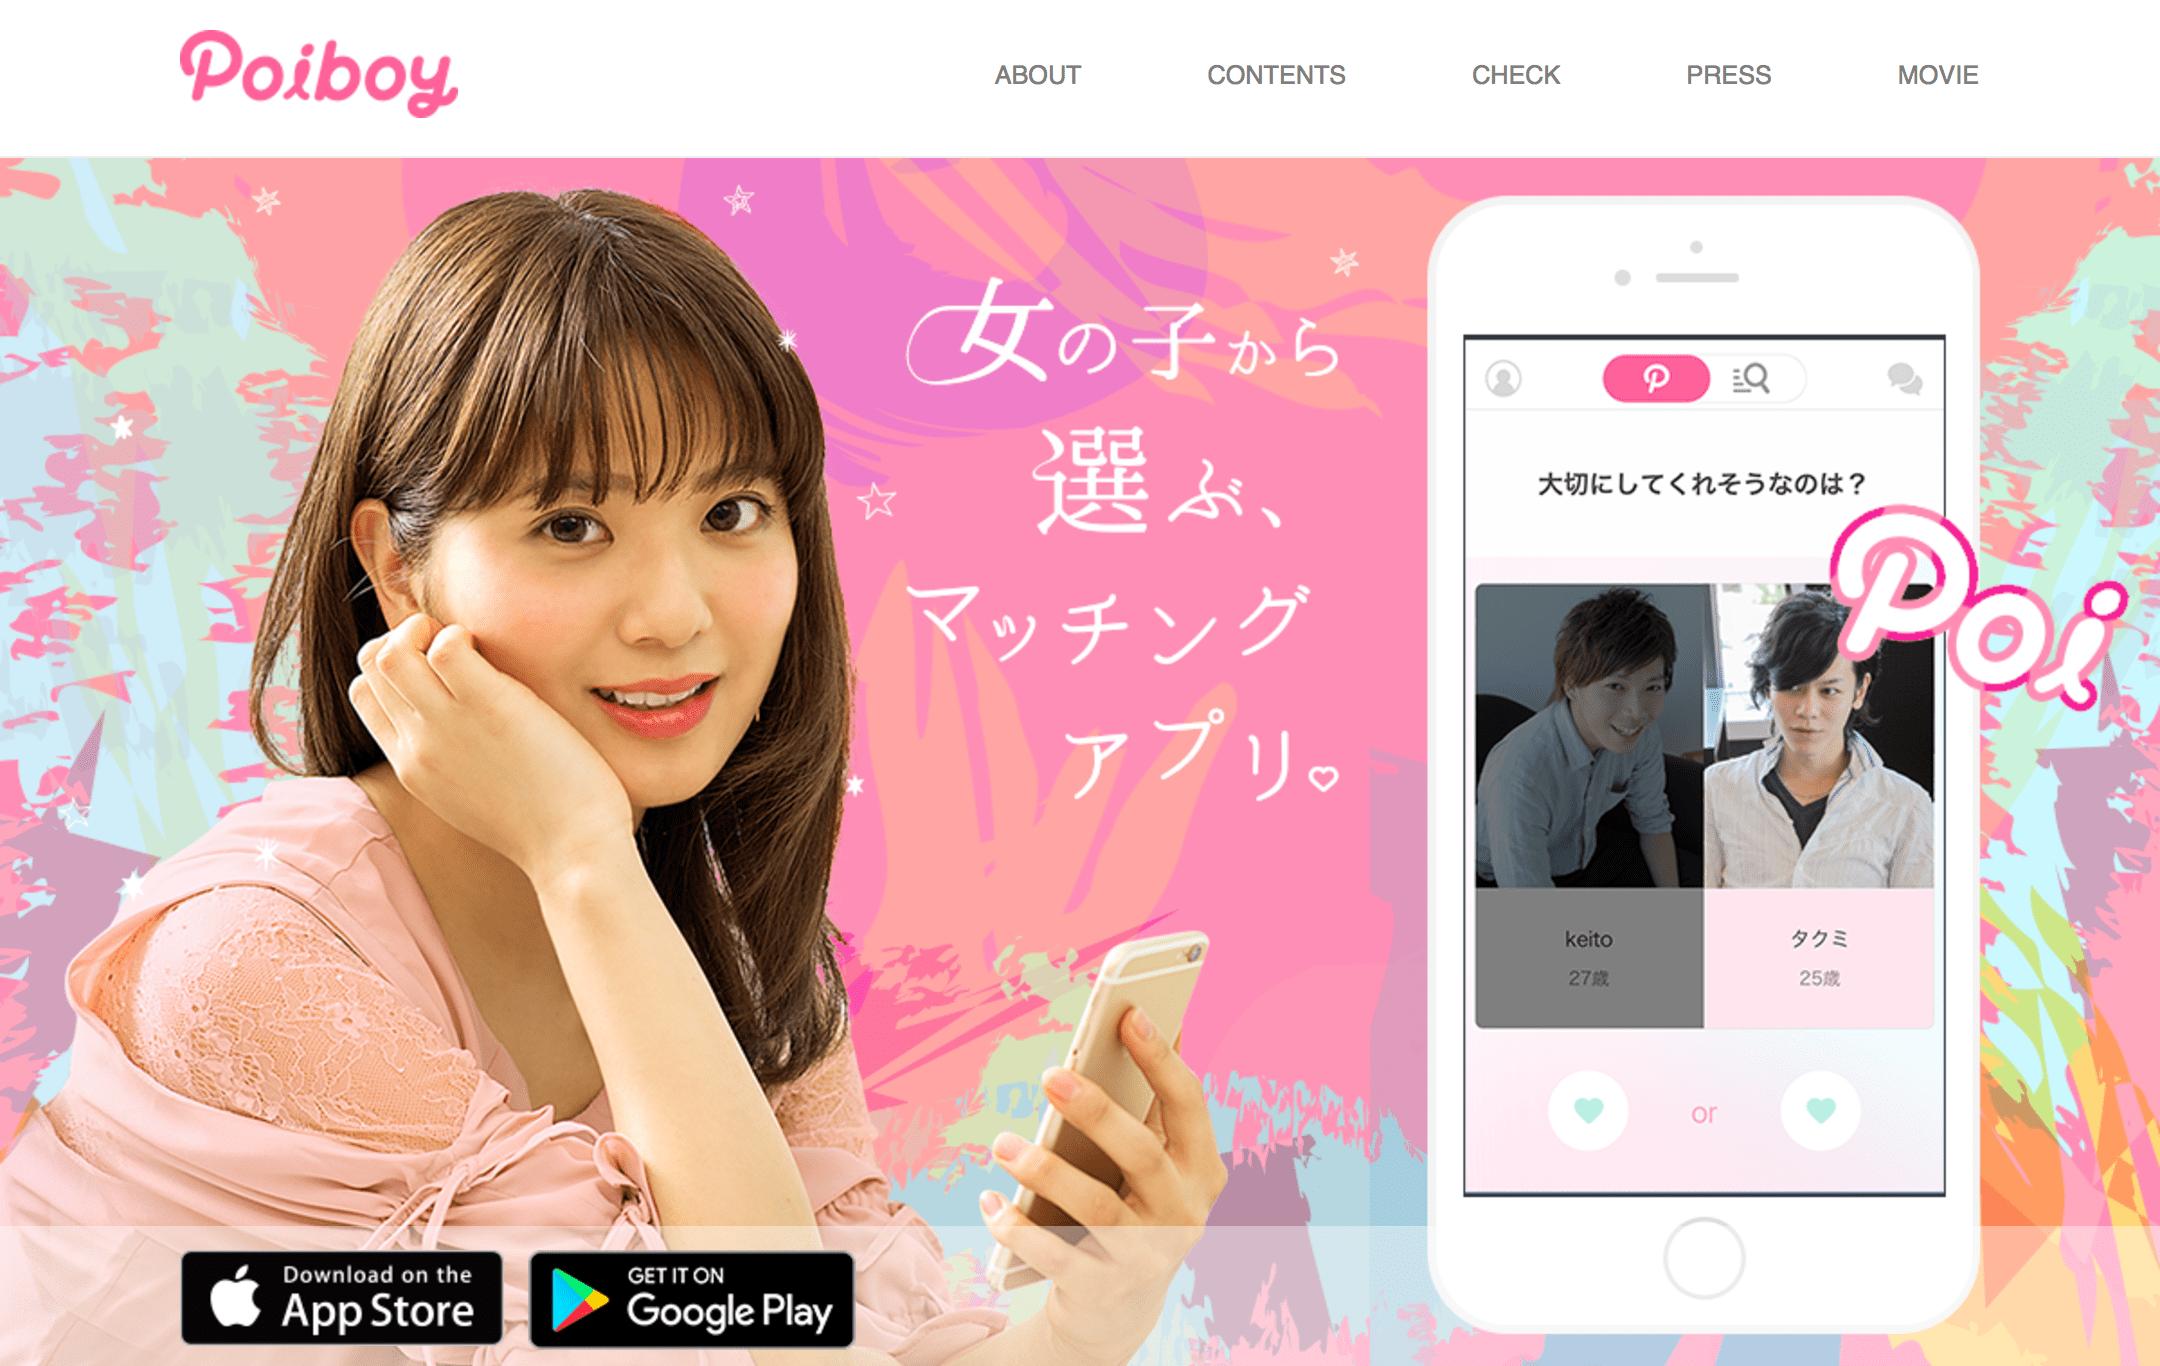 海坂侑 Poiboy マッチングアプリ マッチングサービス